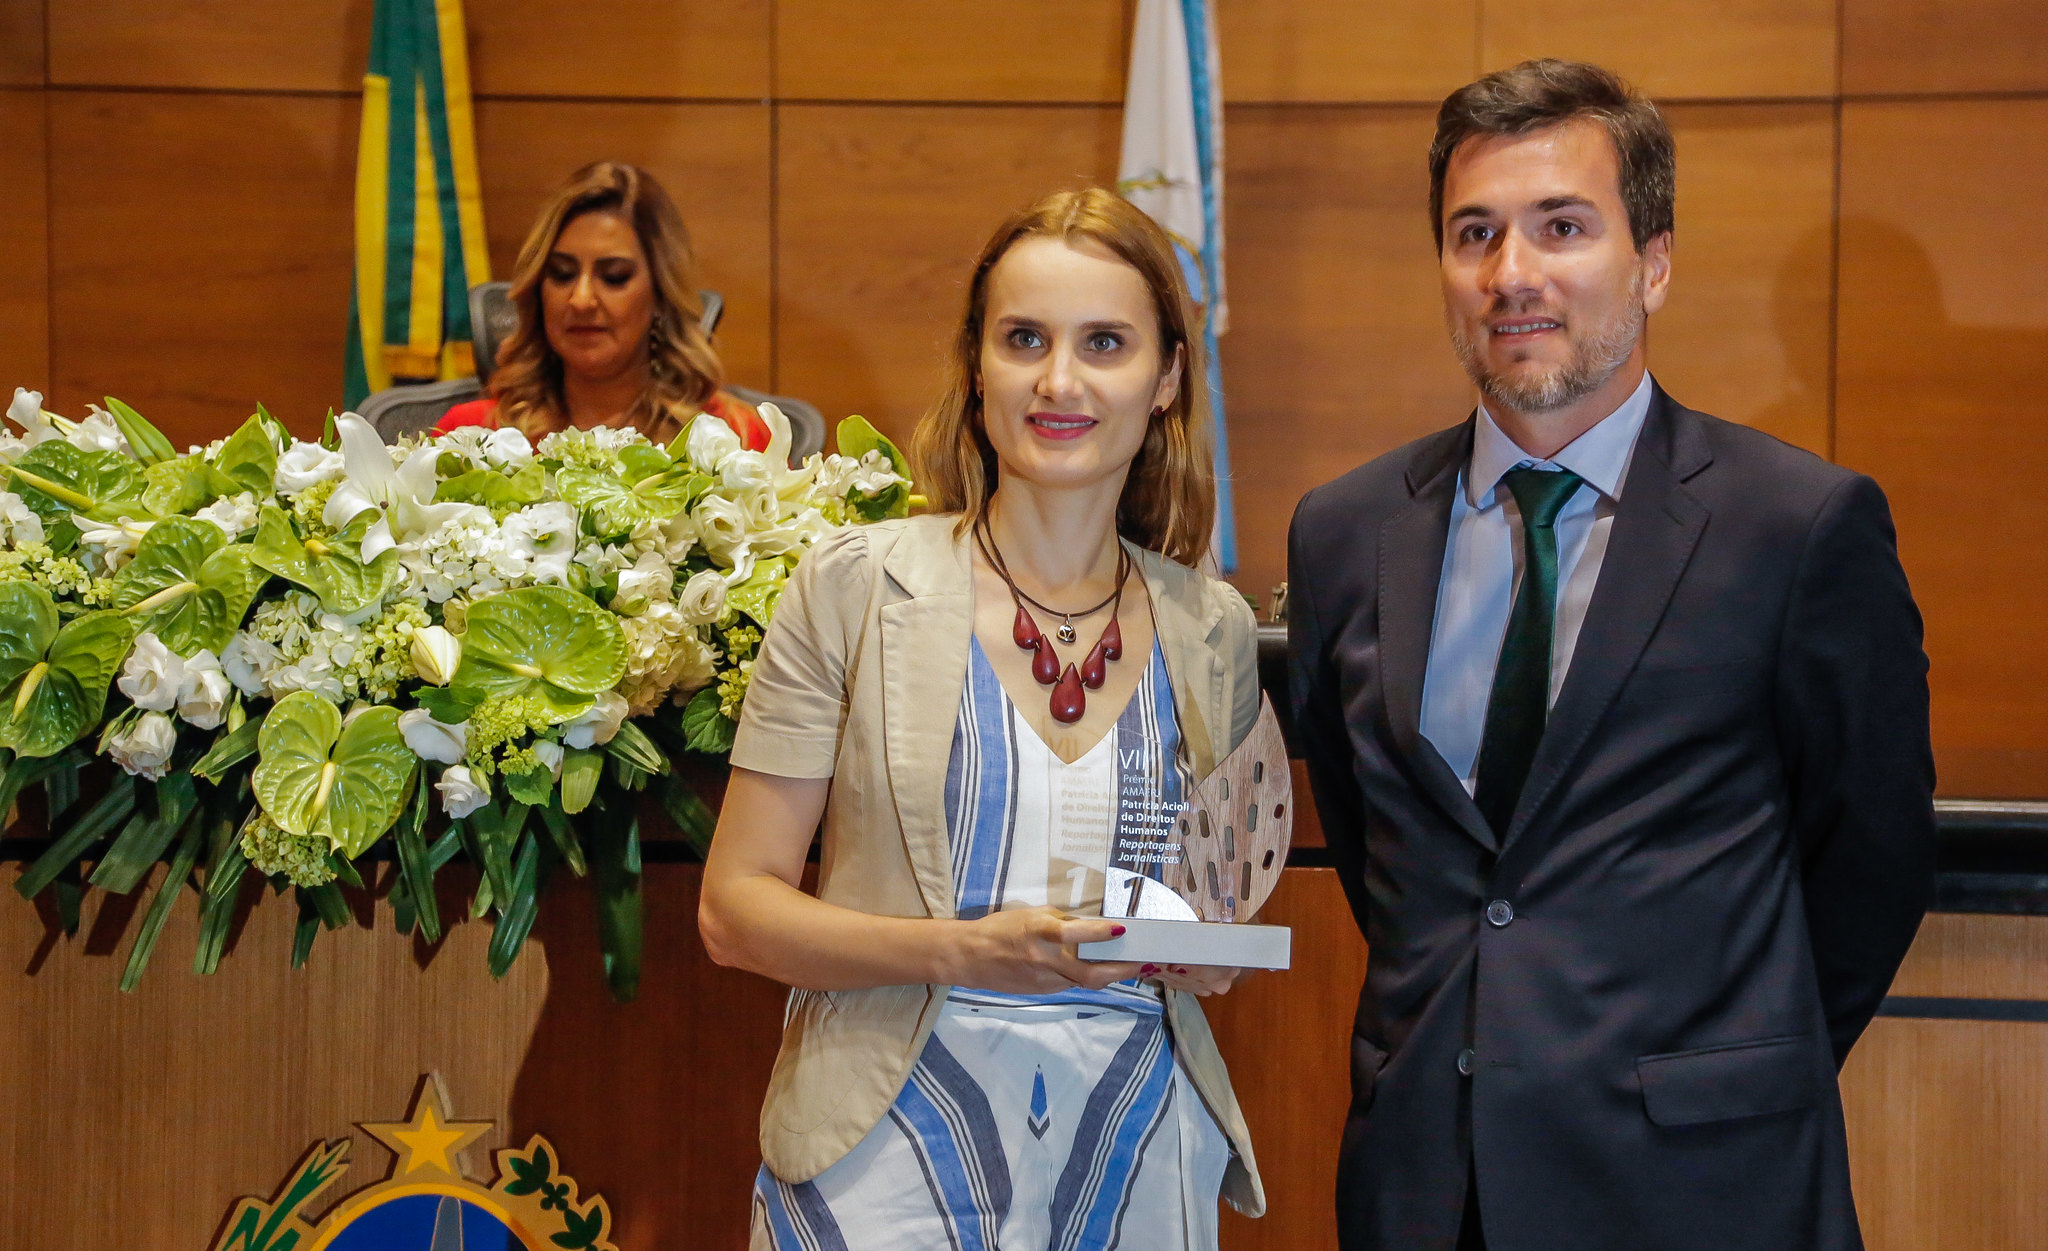 Em 2018, Prêmio AMAERJ laureou reportagem de TV sobre refugiados